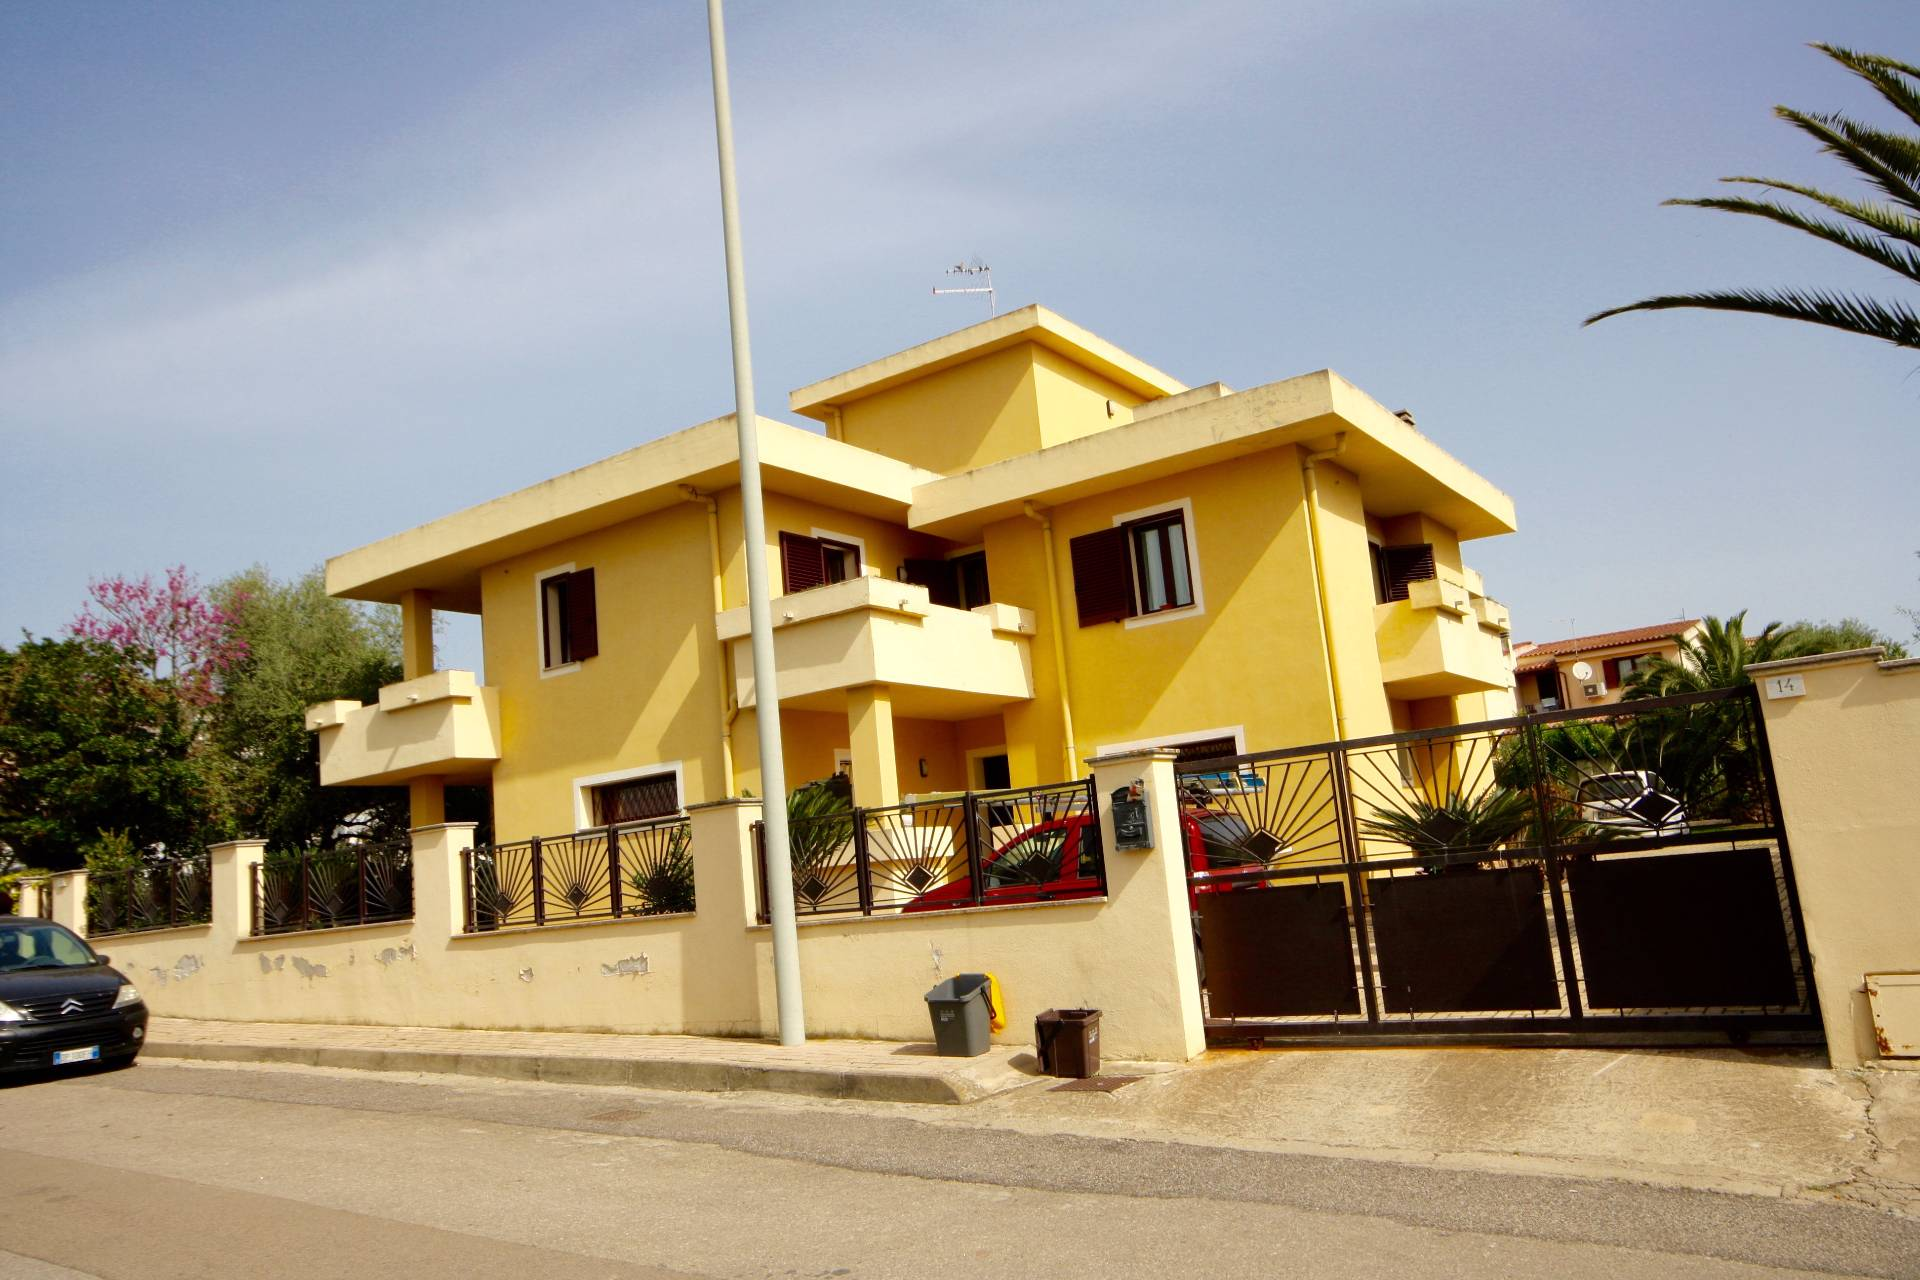 casa olbia porto rotondo appartamenti e case in vendita On case in vendita olbia